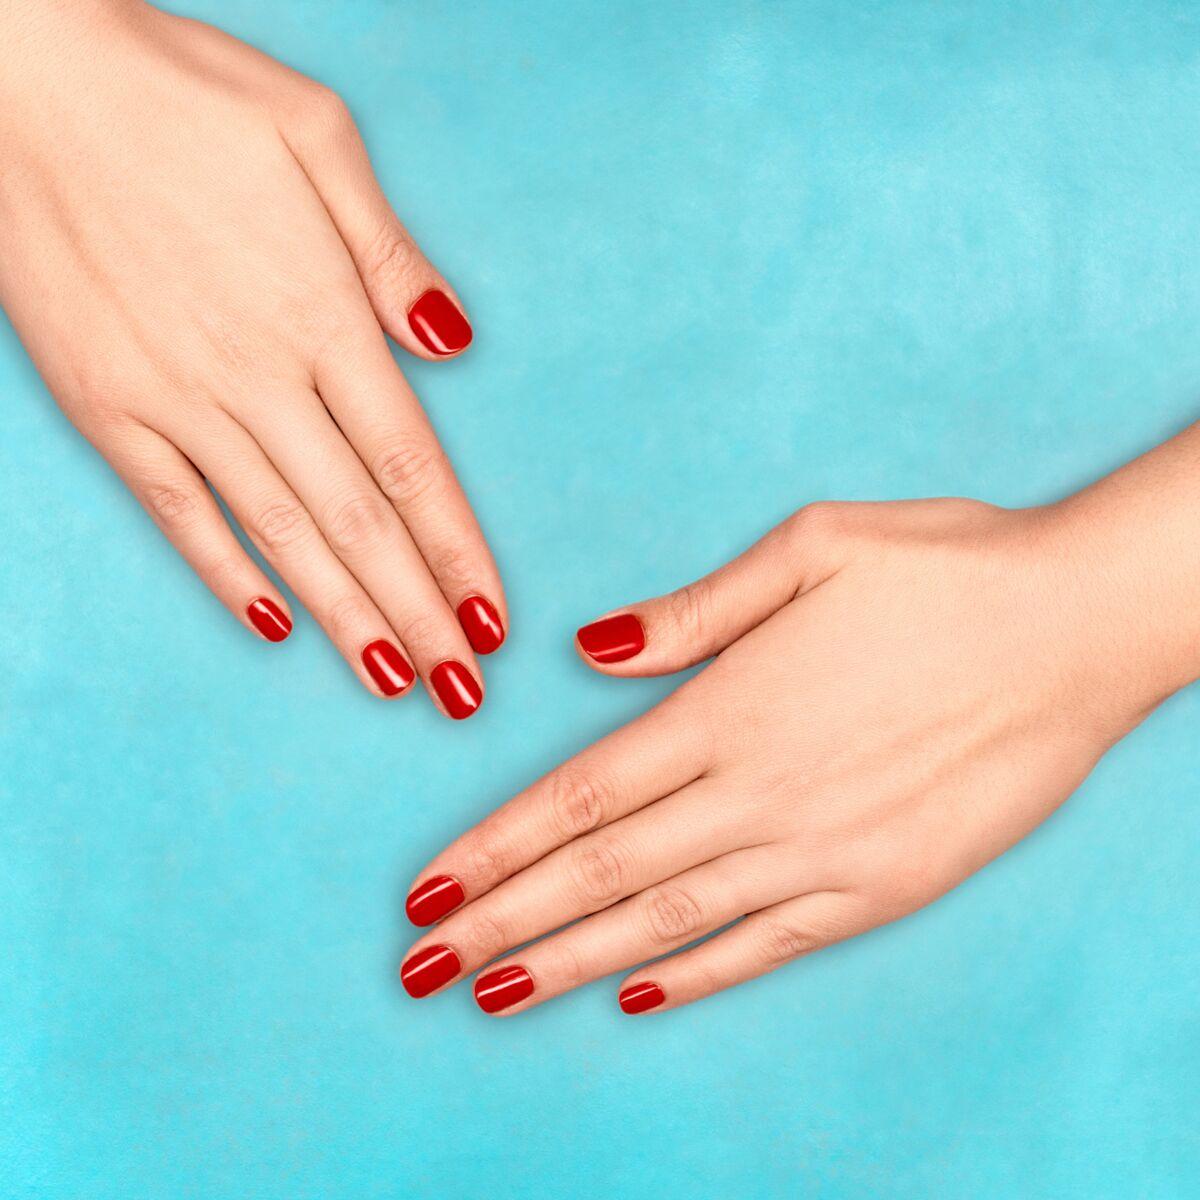 Quels produits utiliser pour faire durer le vernis à ongles plus longtemps ?